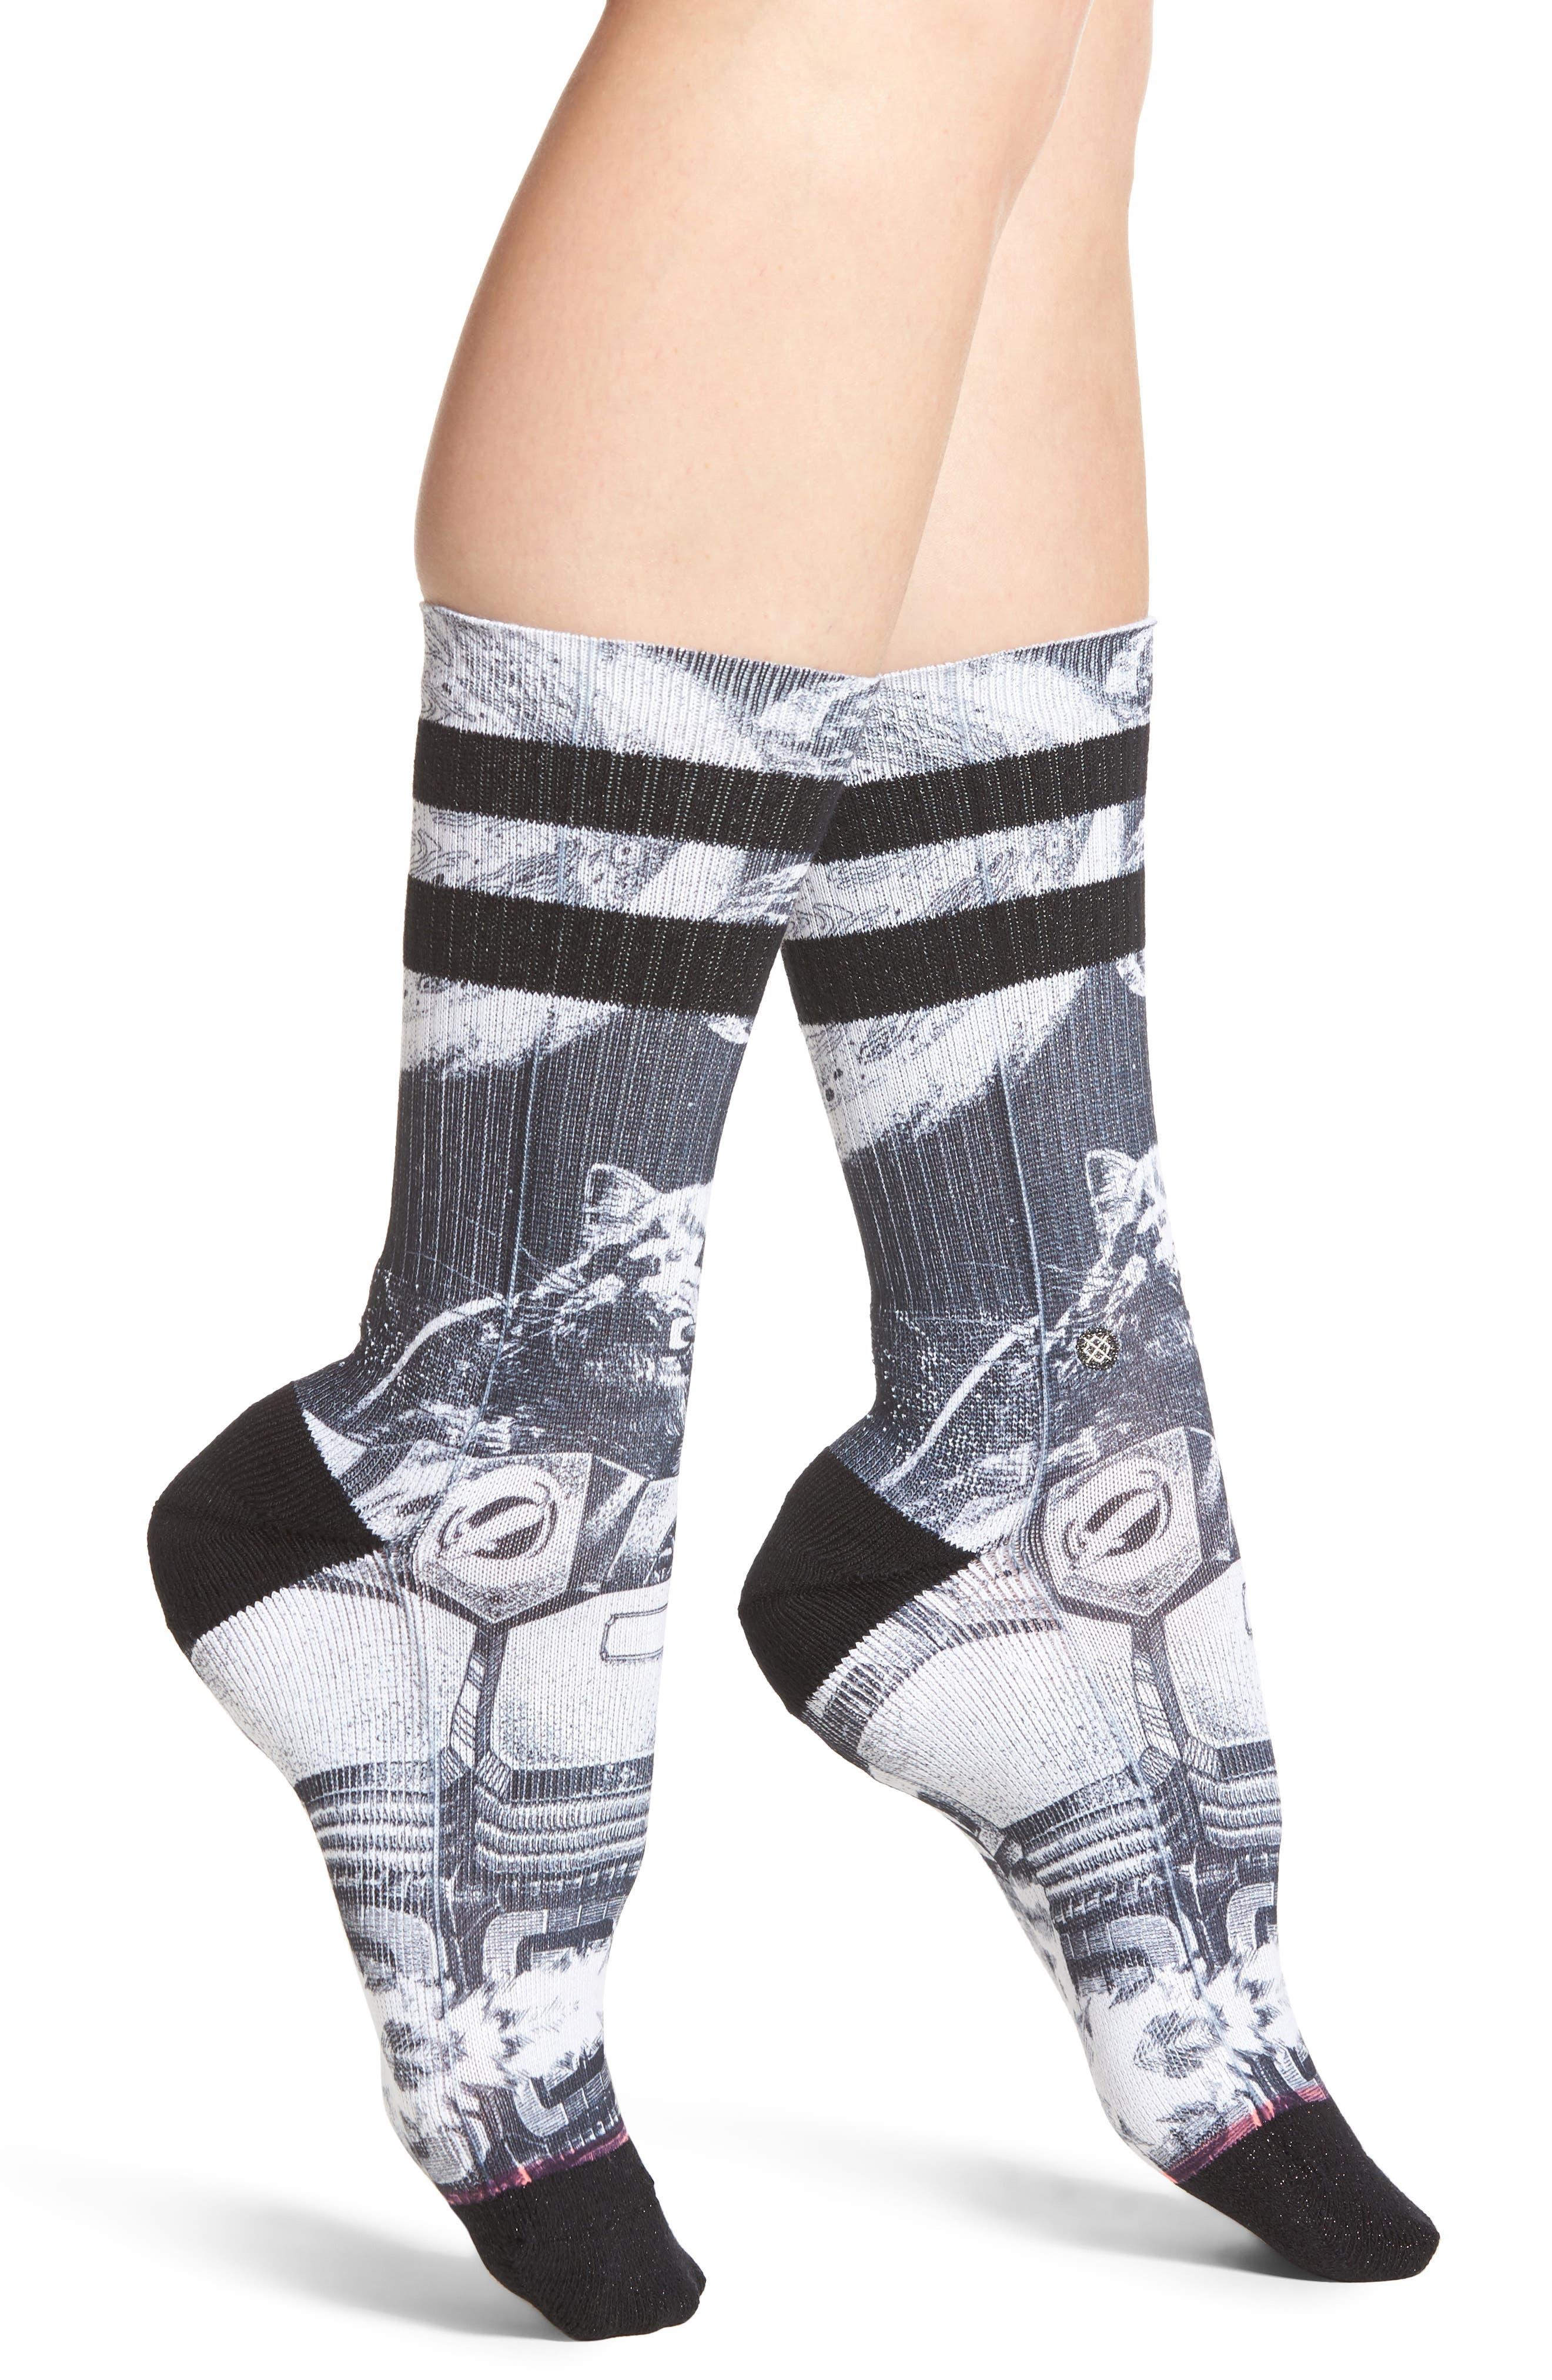 Alternate Image 1 Selected - Stance Punker Skunker Crew Socks